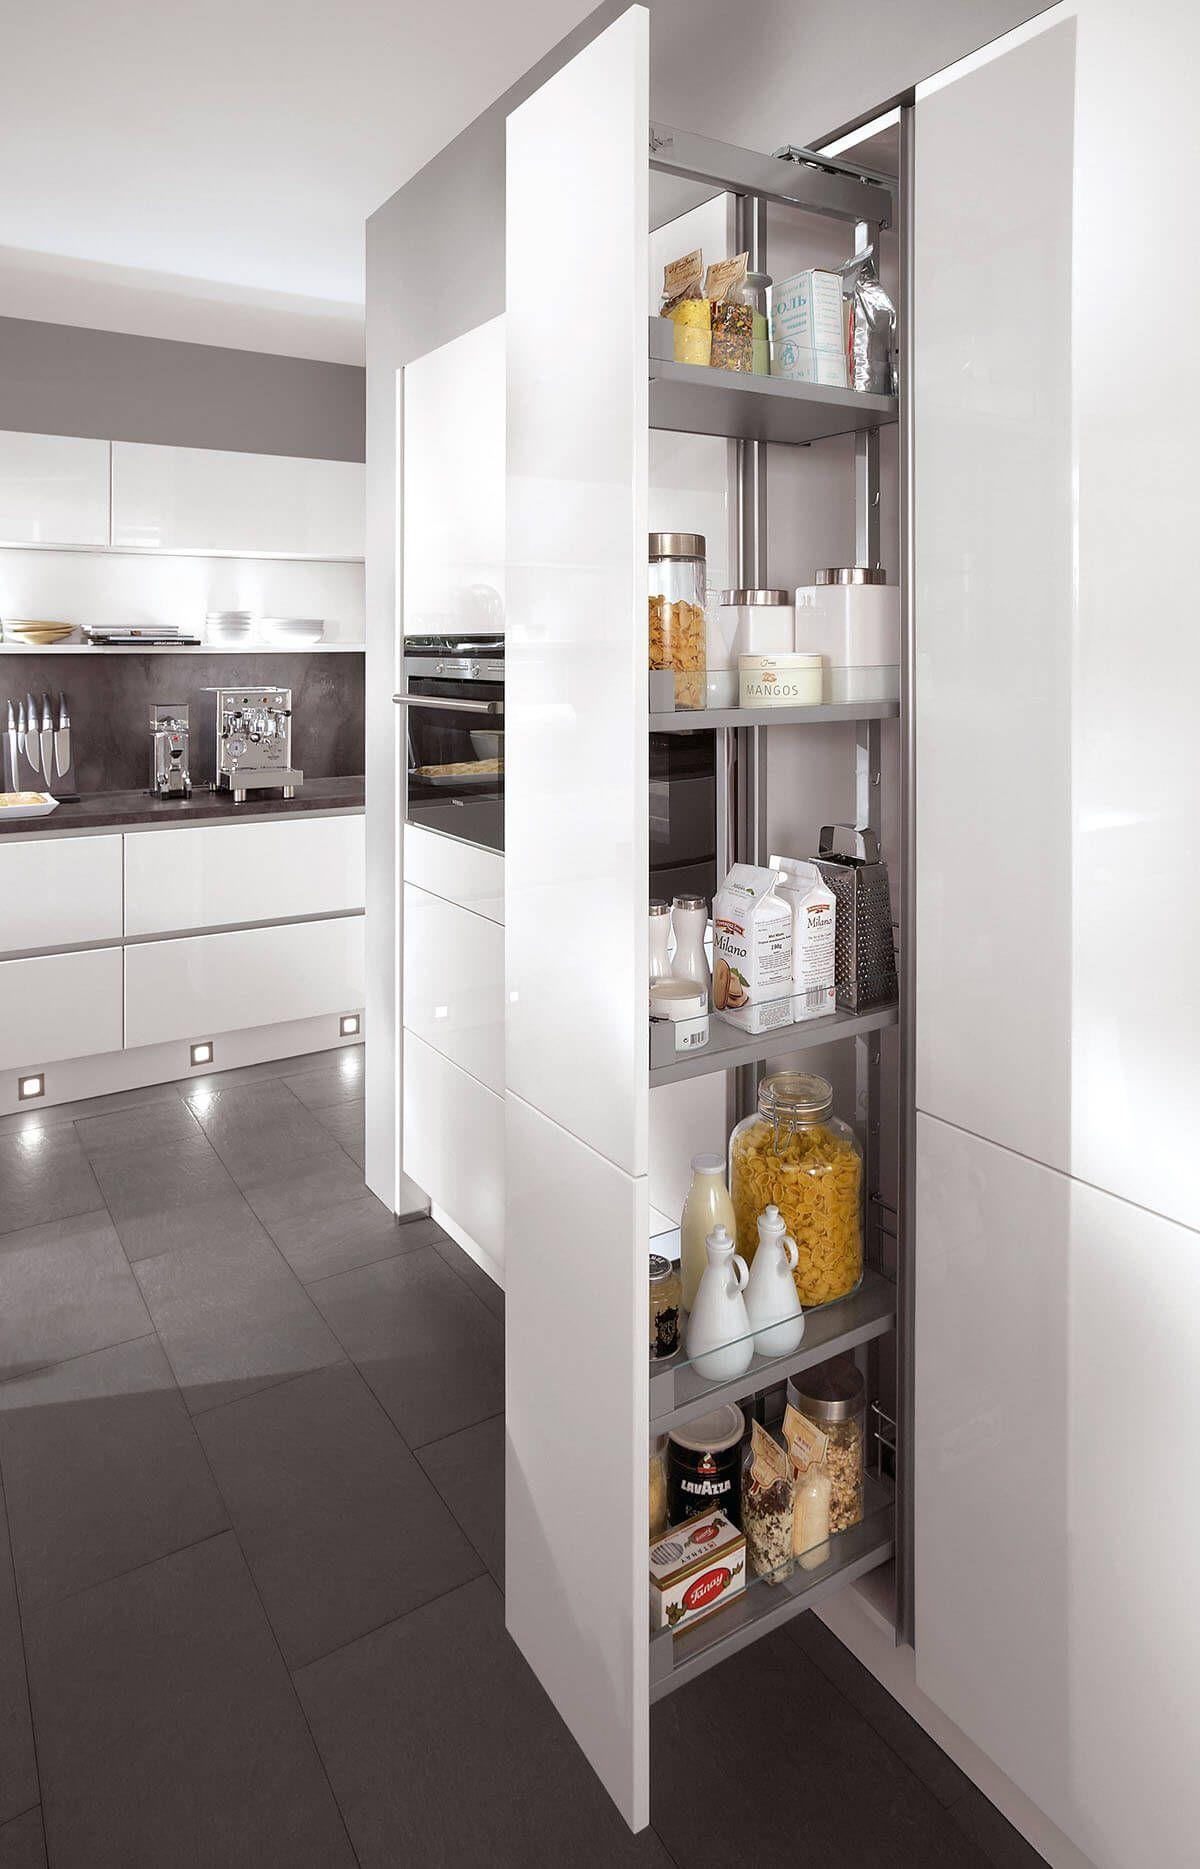 Niedlich Küche Back Design Galerie - Ideen Für Die Küche Dekoration ...